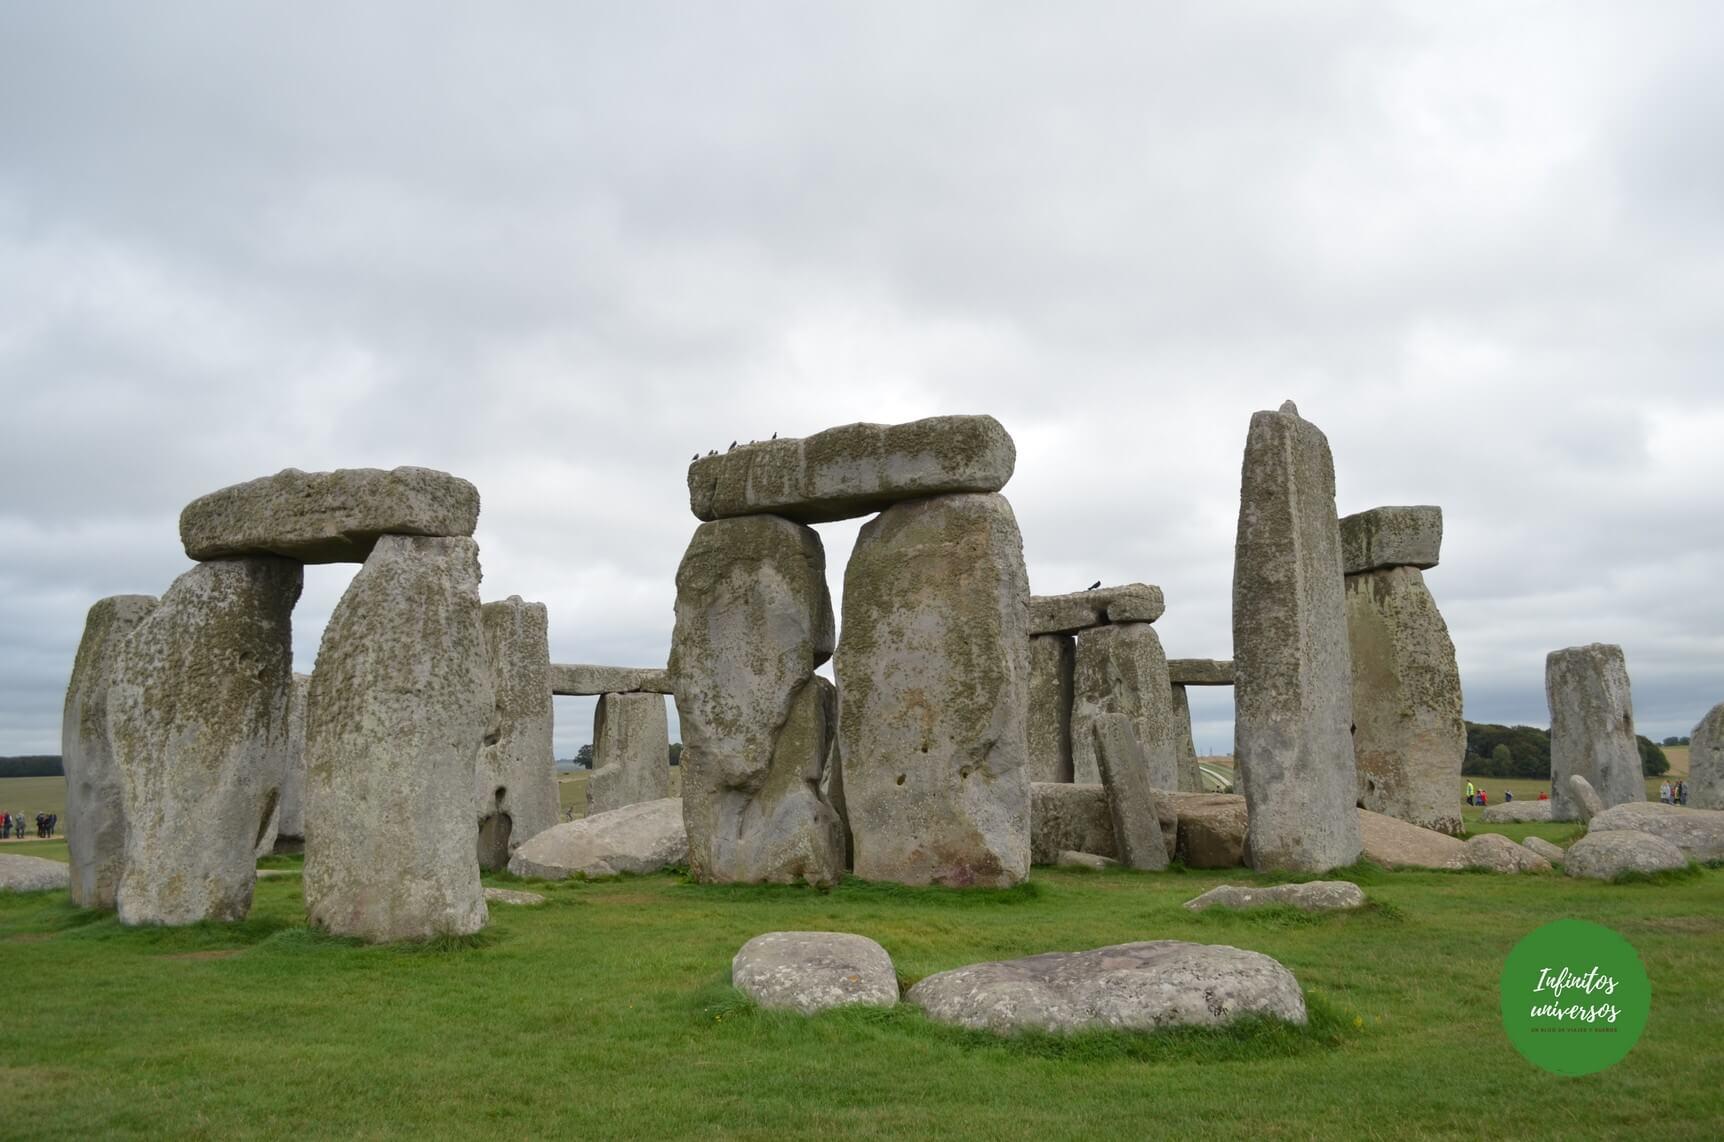 Stonehenge Visita a Stonehenge: entradas, cómo llegar y consejos y entradas stonehenge - Europa en verano